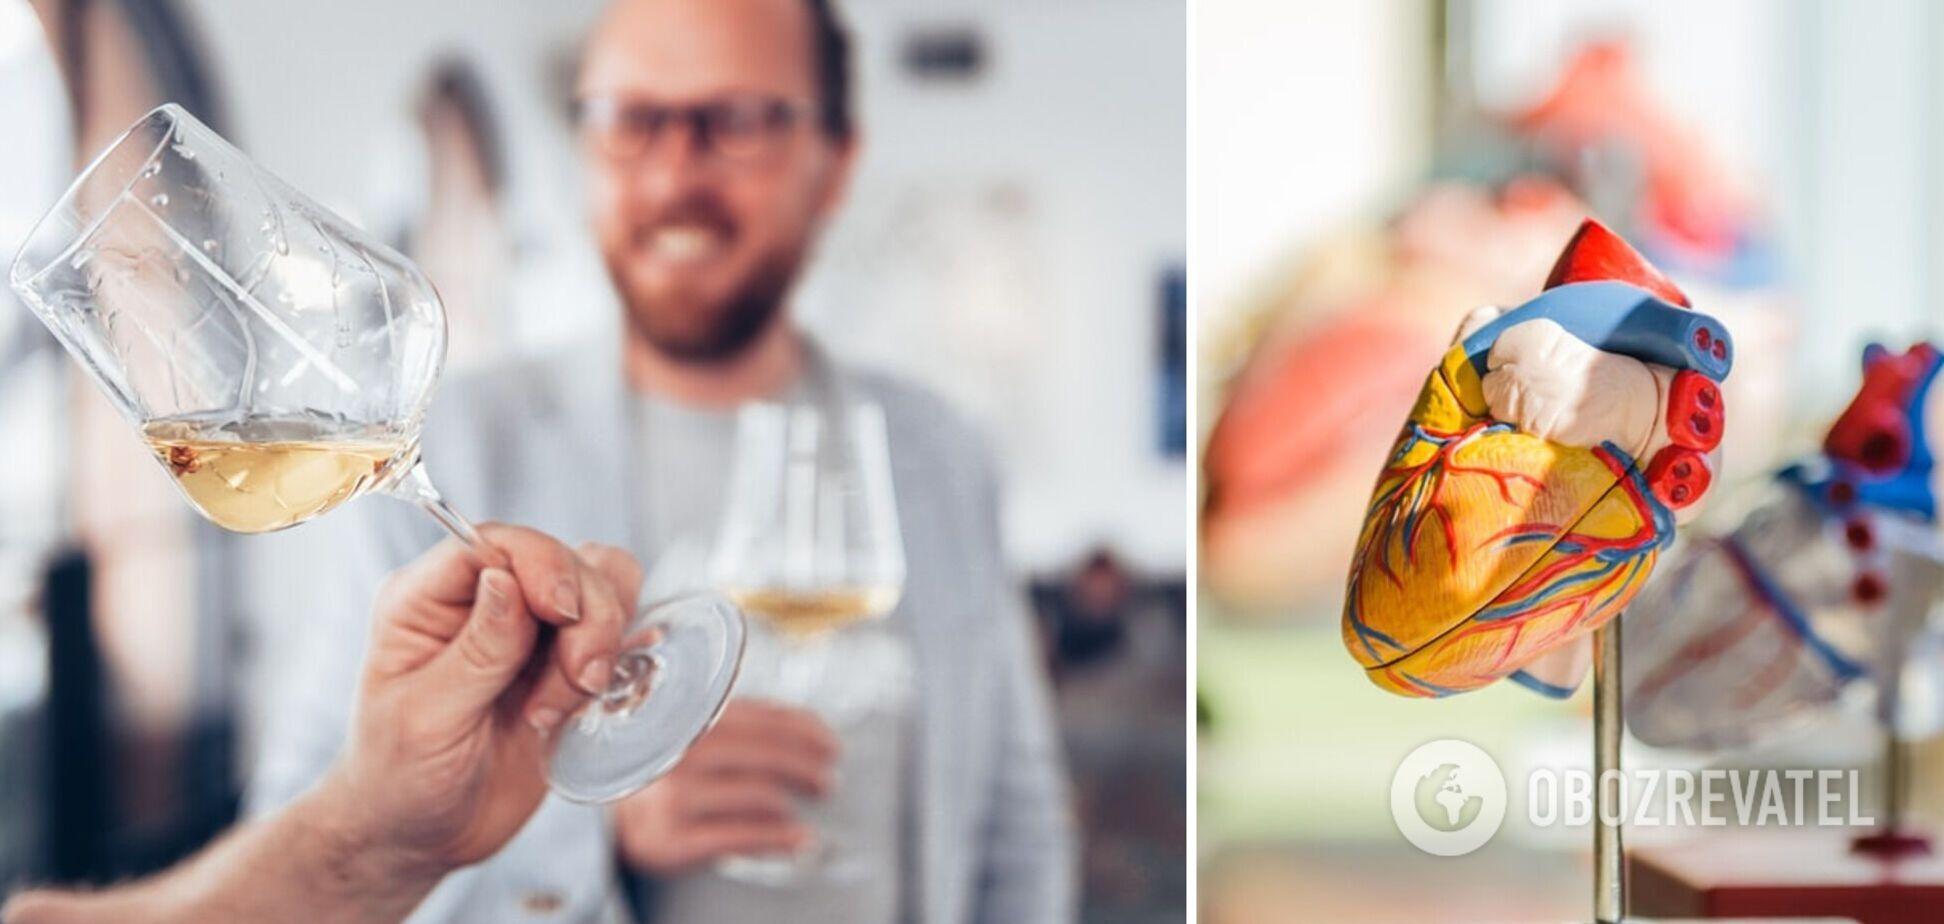 Вчені назвали напій, який може підвищити ризик інсульту: результати дослідження